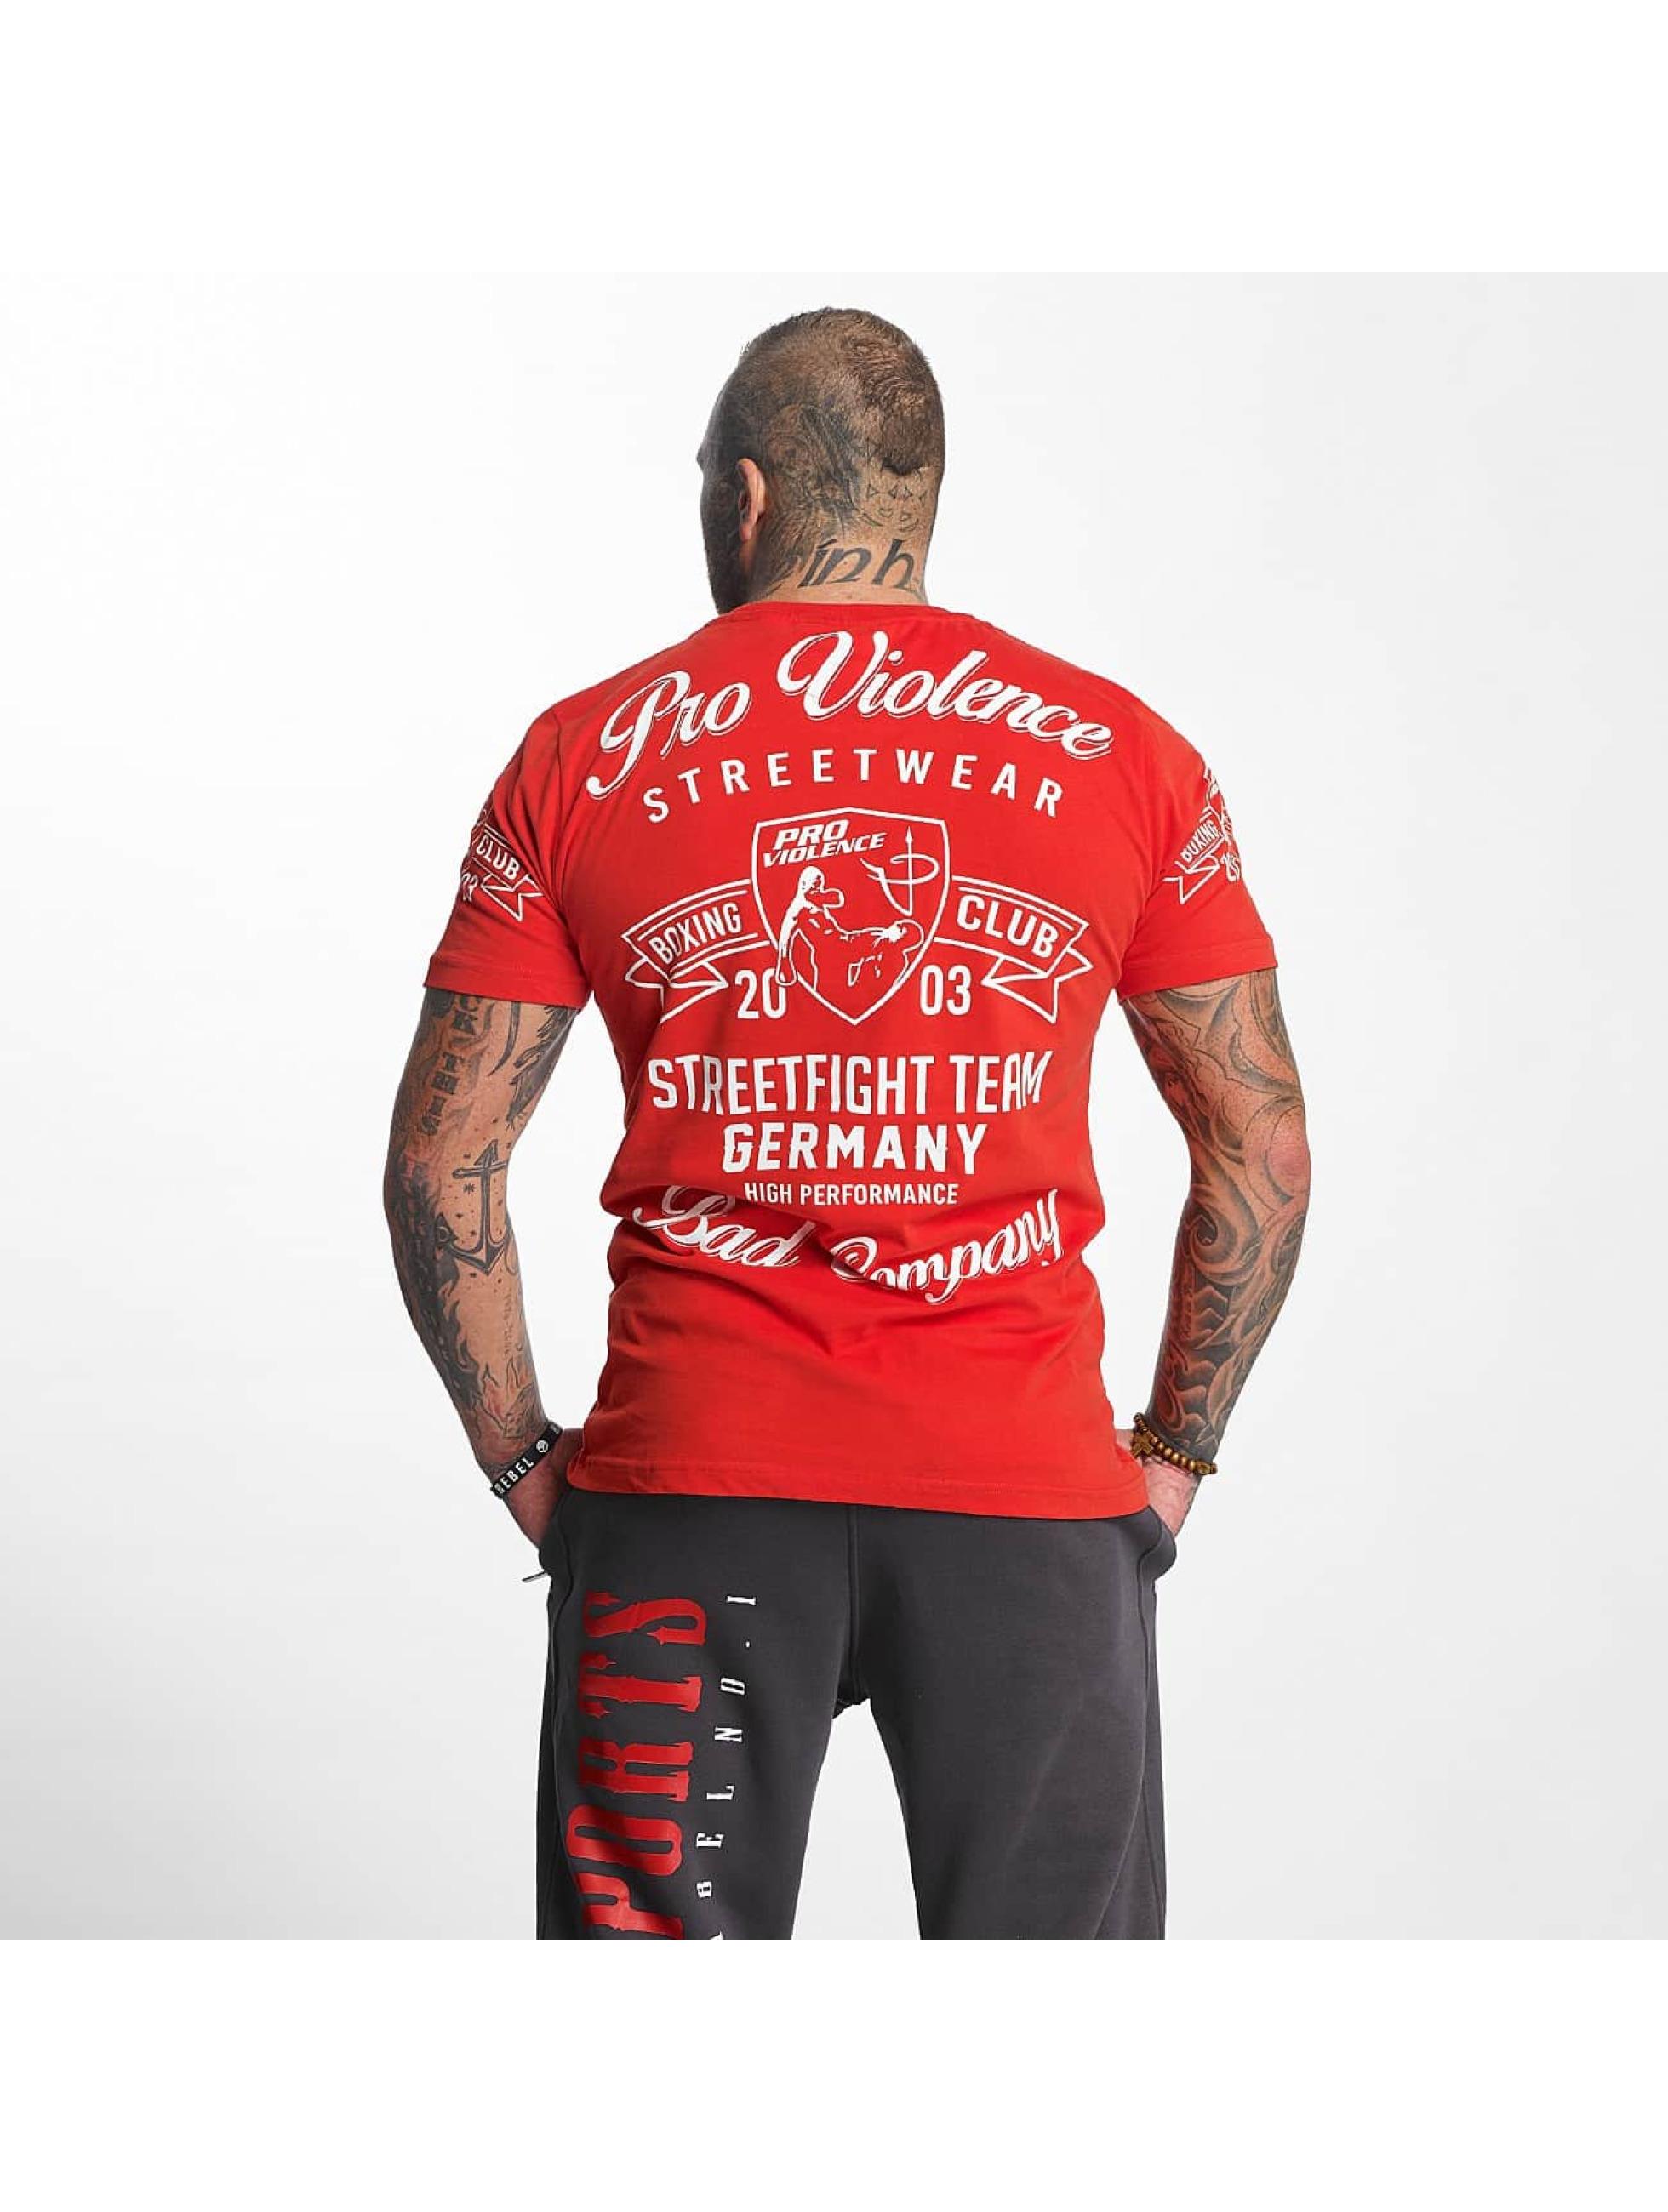 Pro Violence Streetwear t-shirt Streetwear Boxing Club rood